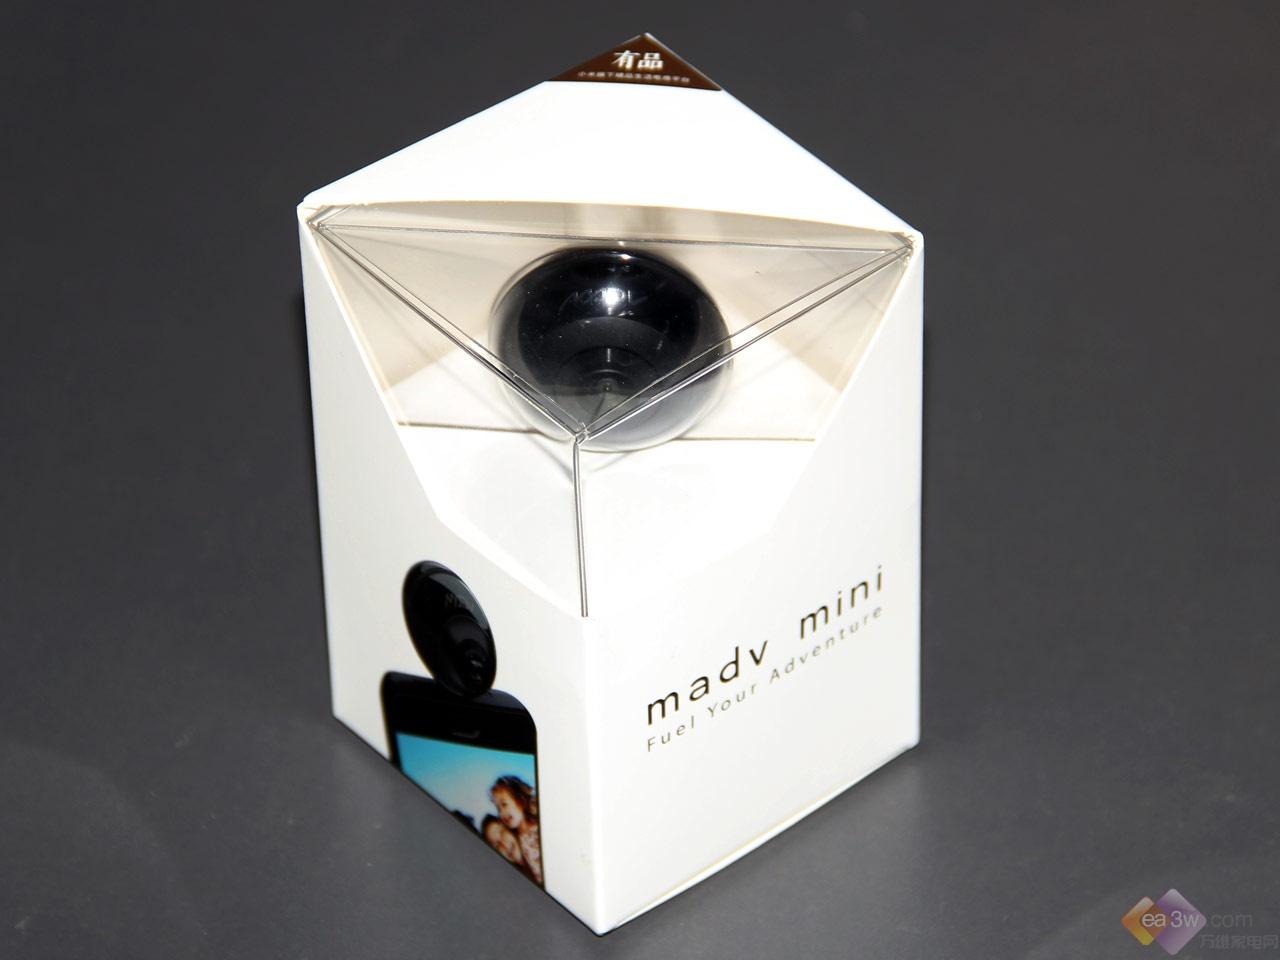 15秒轻松拍出720度全景VR照片,MADV Mini全景相机试用